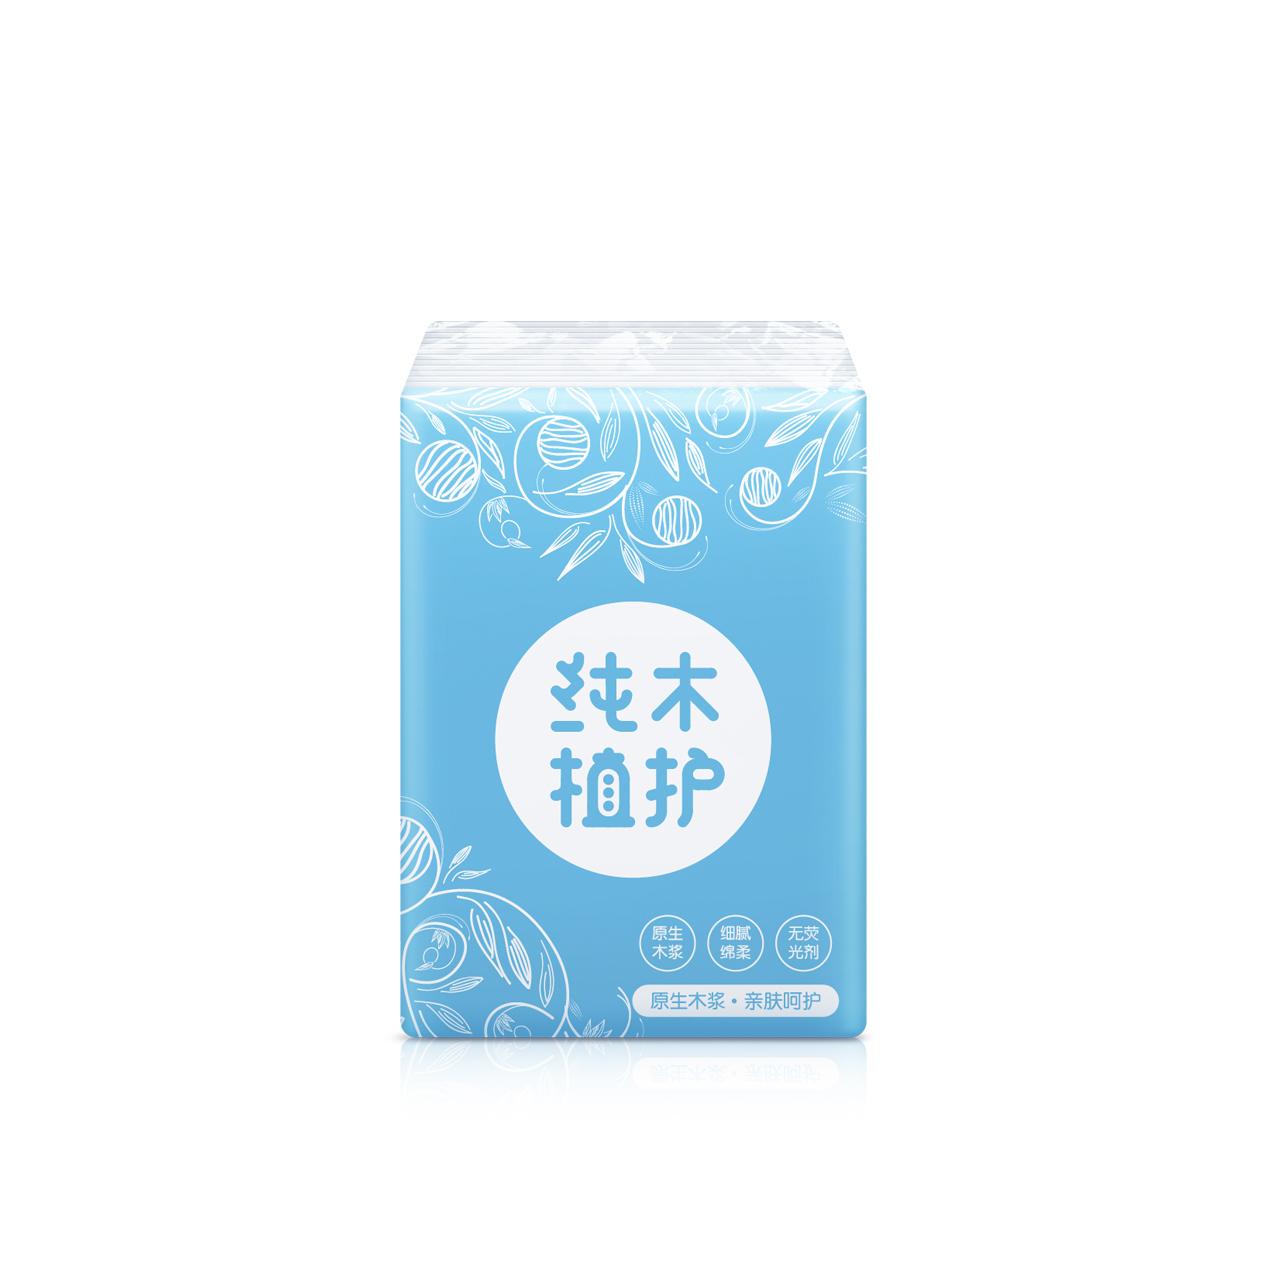 30小包手帕纸巾抽纸抽批发整箱促销10元以下9.9包邮特价清仓天天